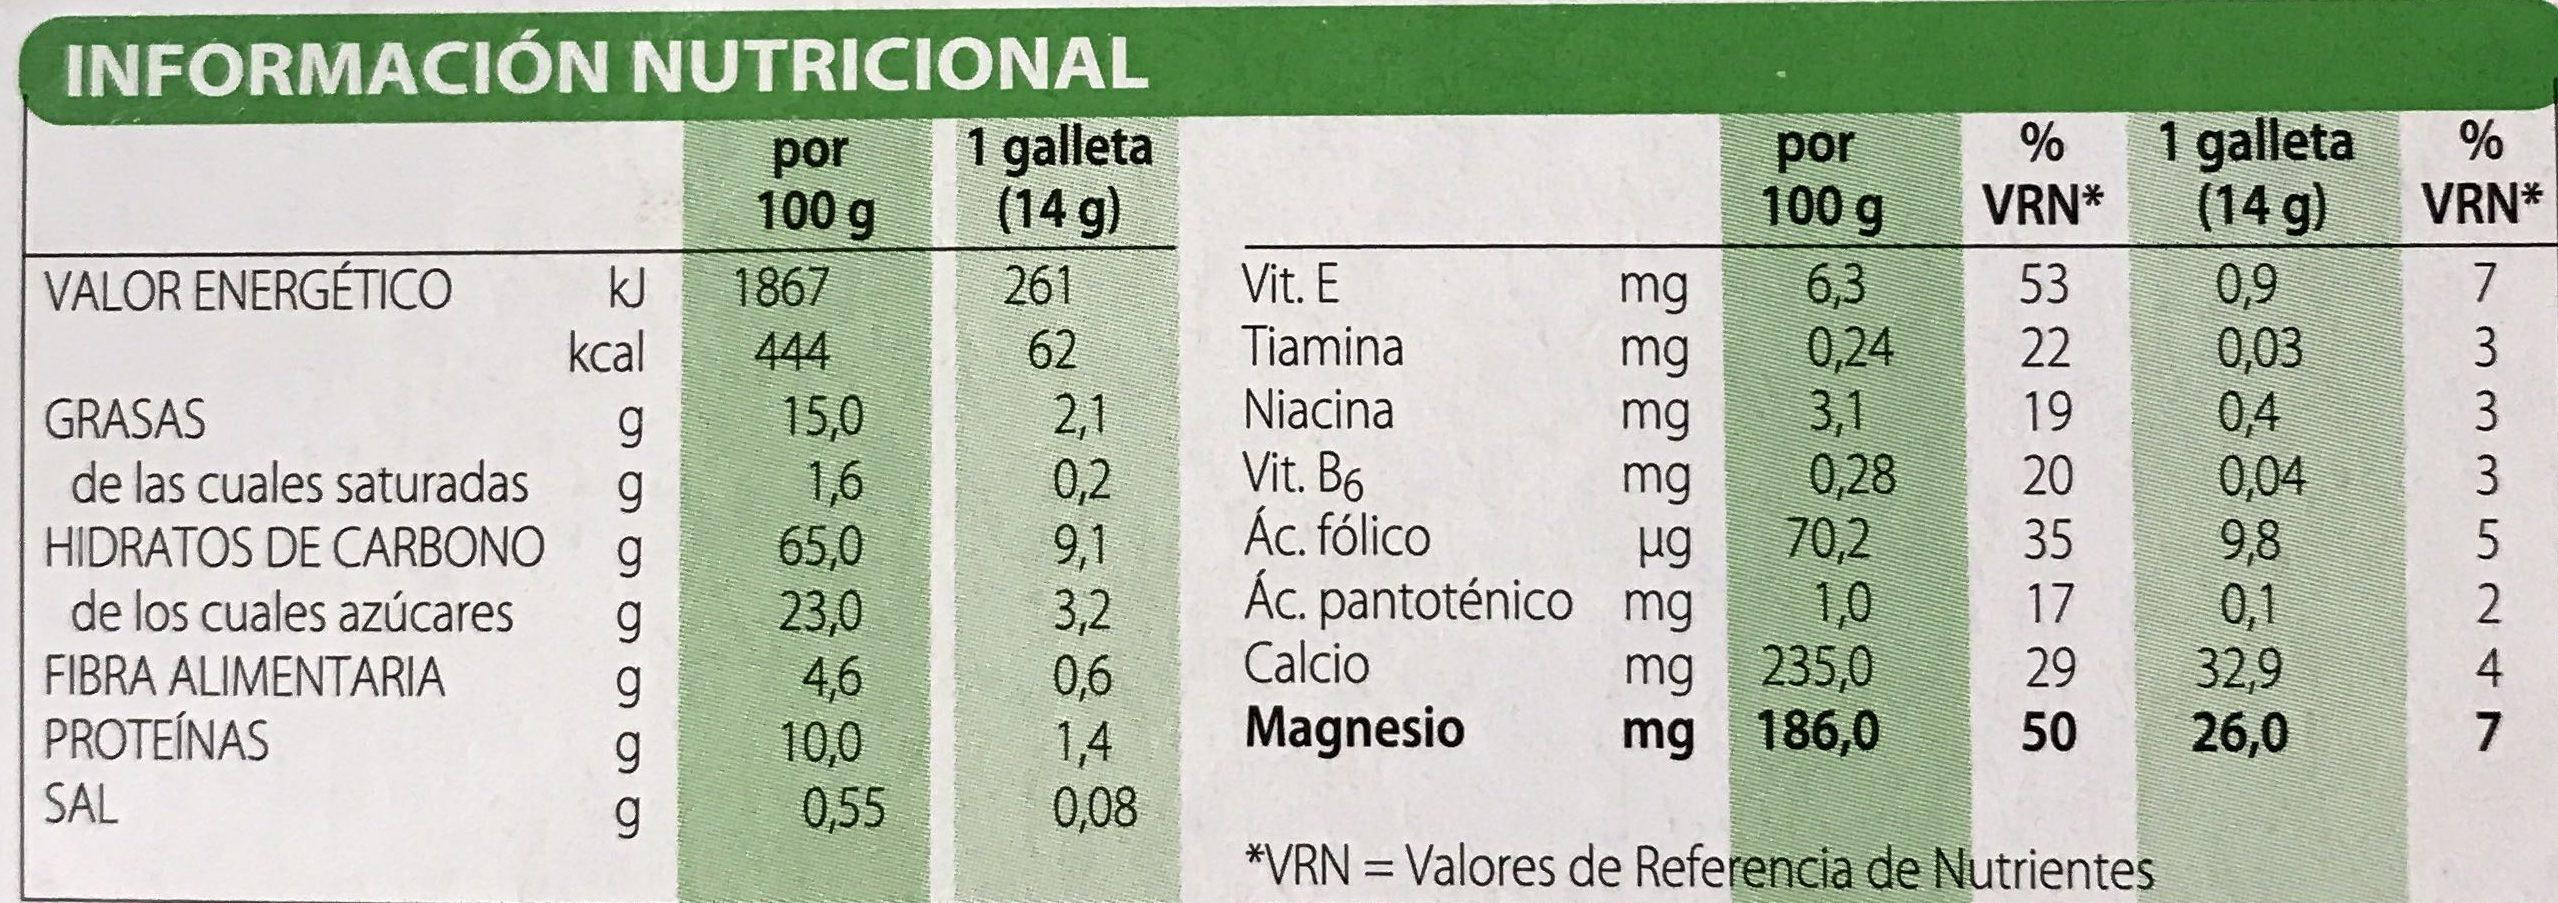 Galletas de soja y naranja - Información nutricional